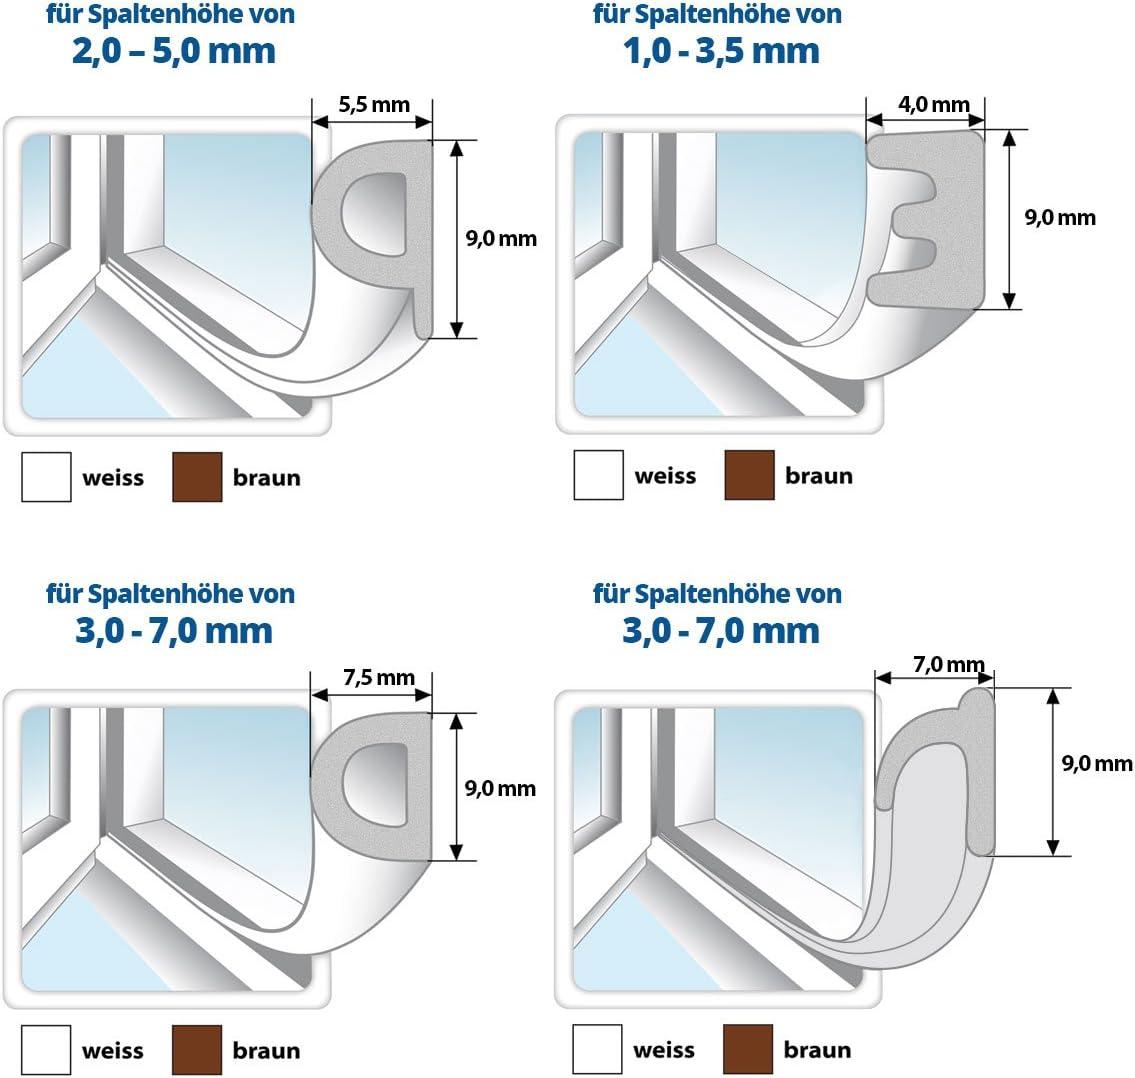 Gummidichtung Dichtungen aus Gummi T/ür Fenster Profildichtung Universal Dichtband Holzzargendichtung Fl/ügelfalzdichtung Dichtungsprofil 5 Meter braun